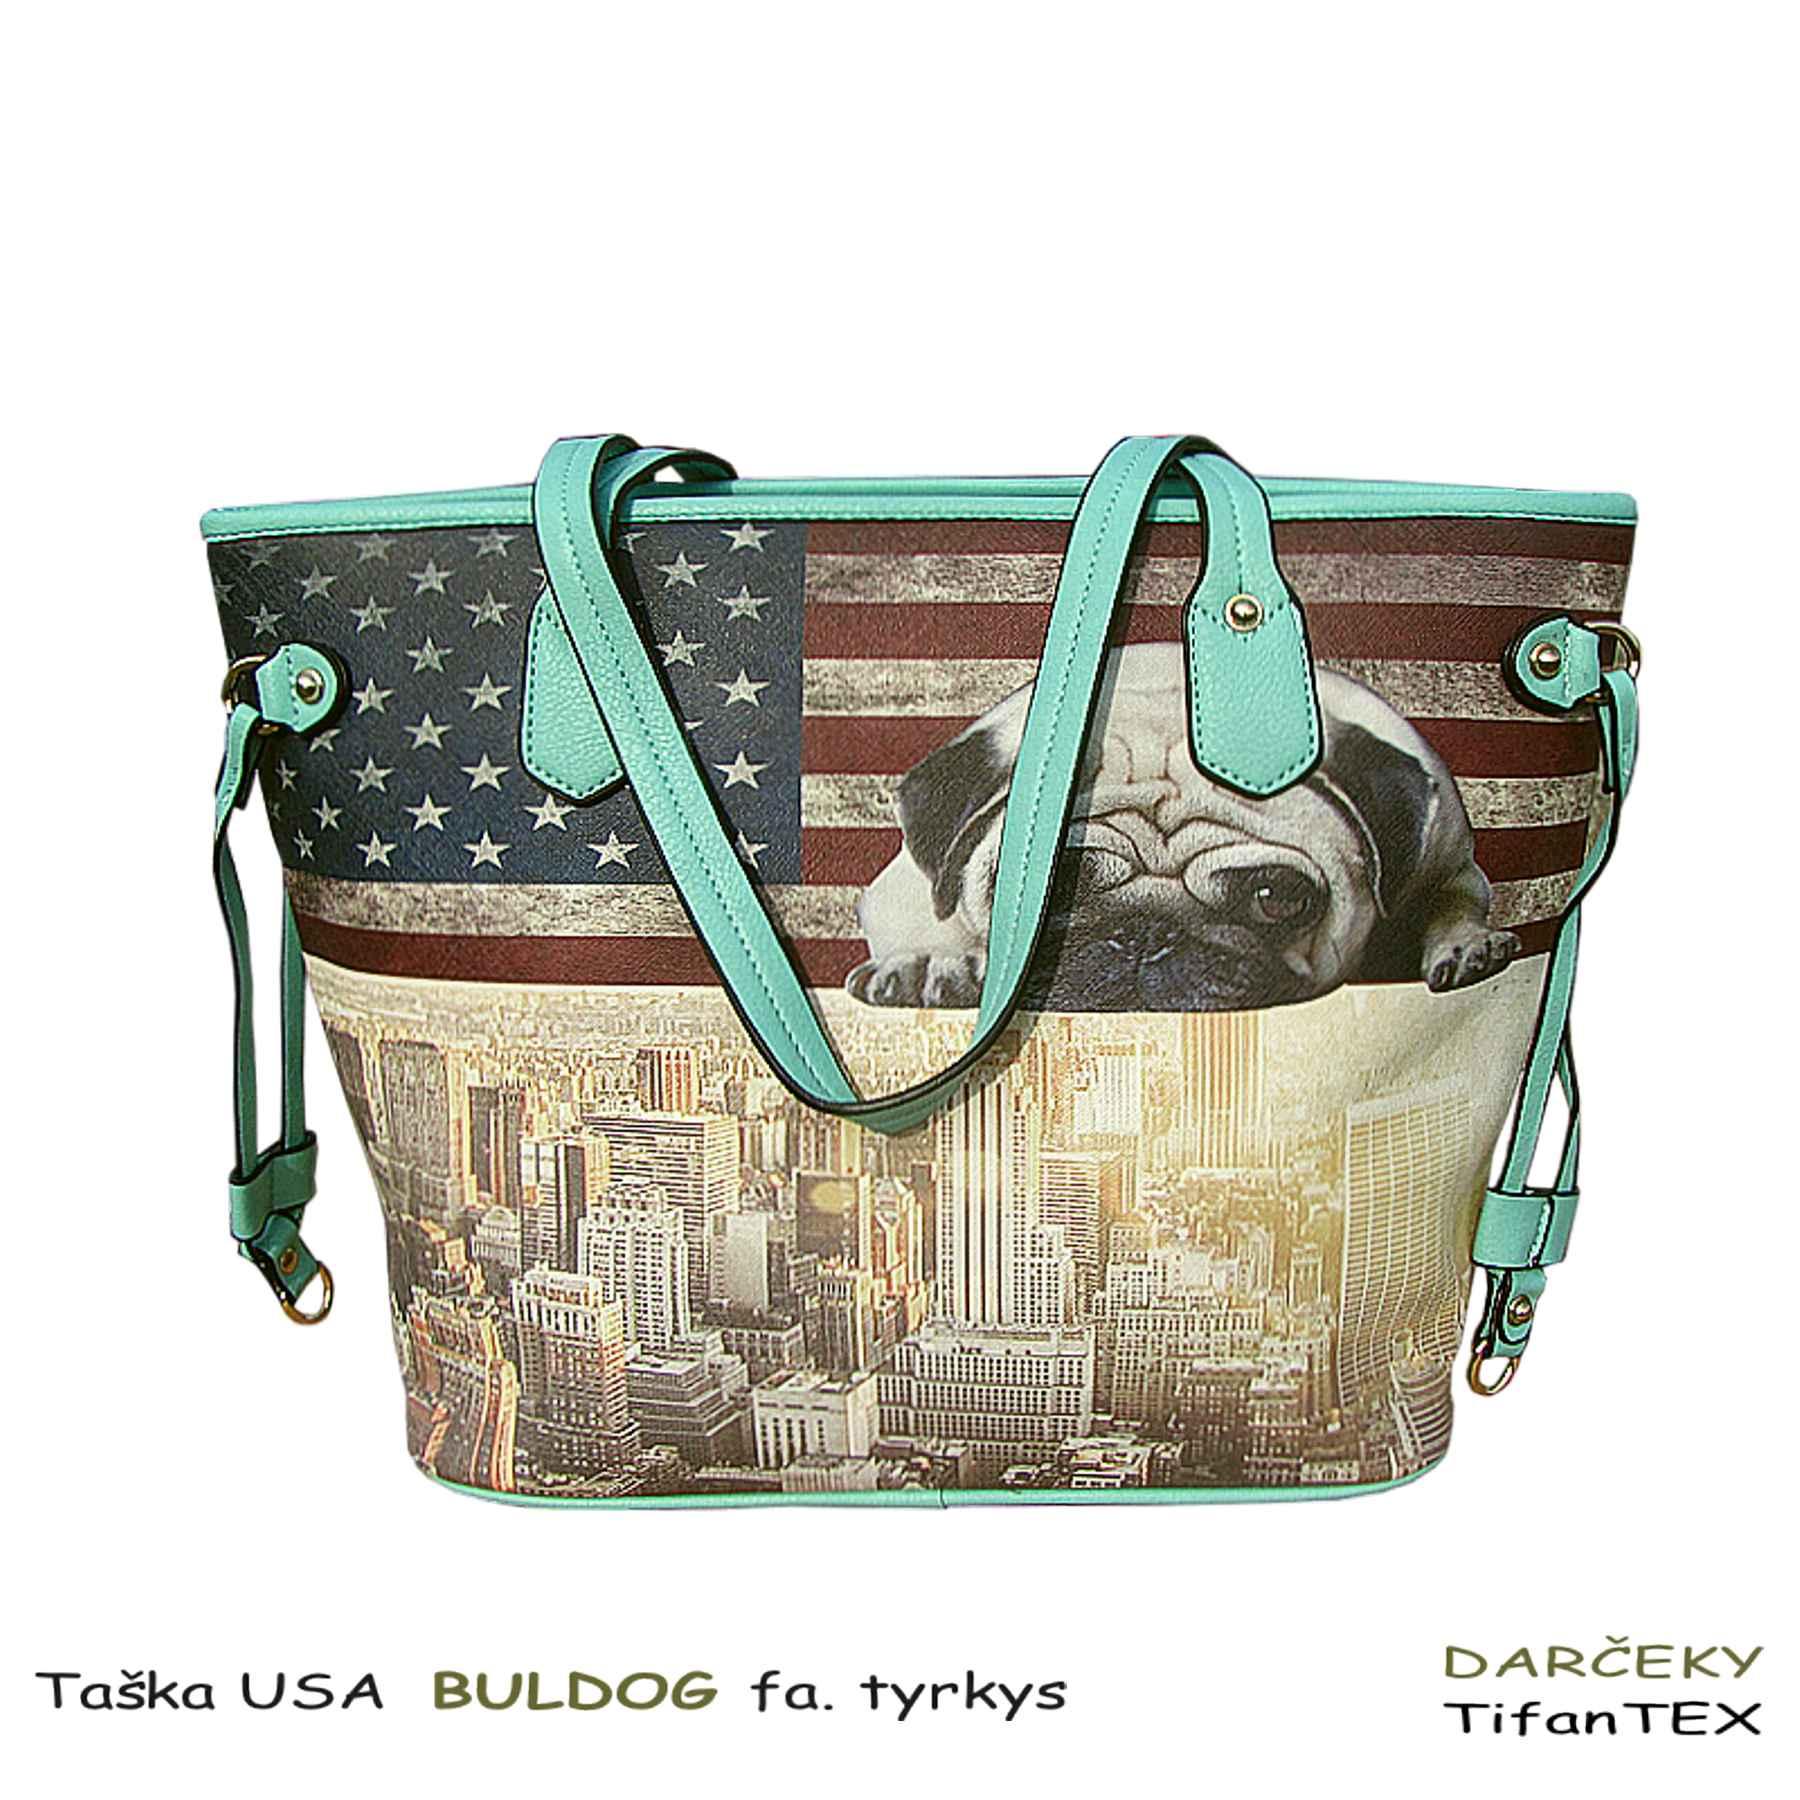 ... Dámska taška USA Buldog - tašky Tifantex fb8c0fe0e0a